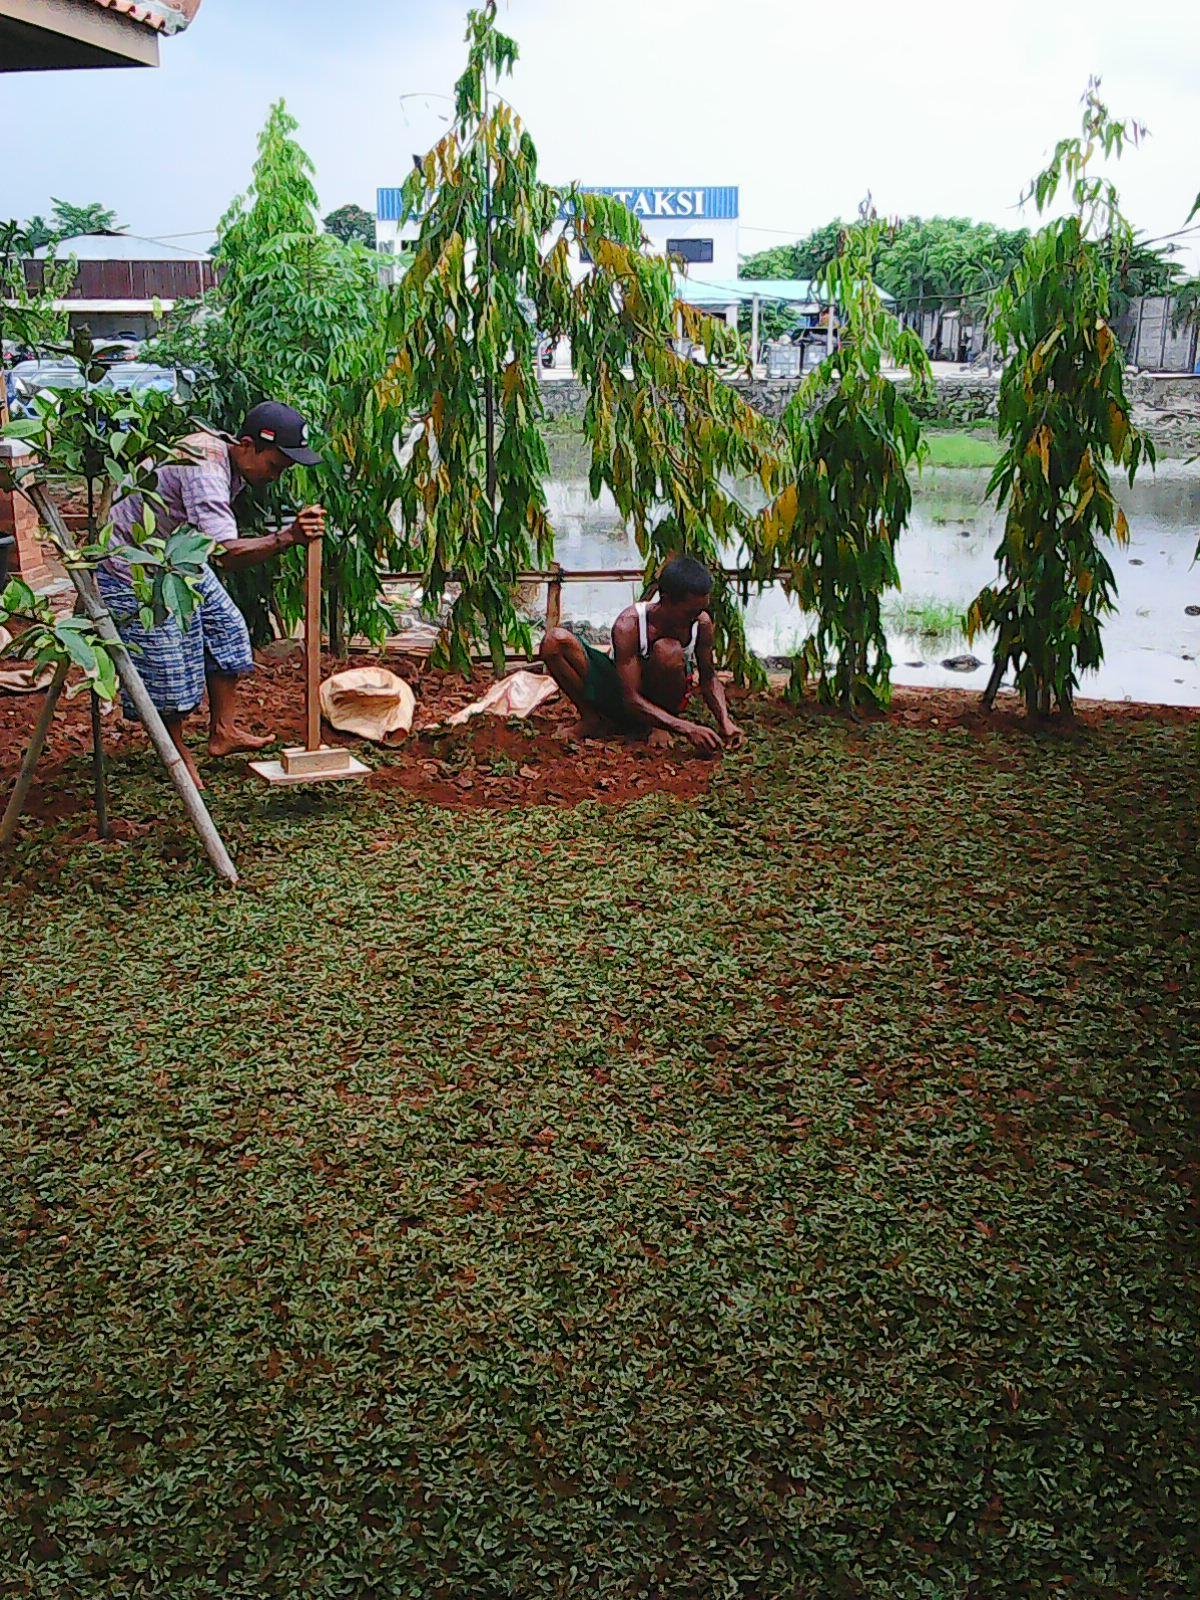 Tukang Rumput Hias Taman Gajah Mini Biji Tanaman Pohon Bermuda Gras Design Relif Minimalis Kolam